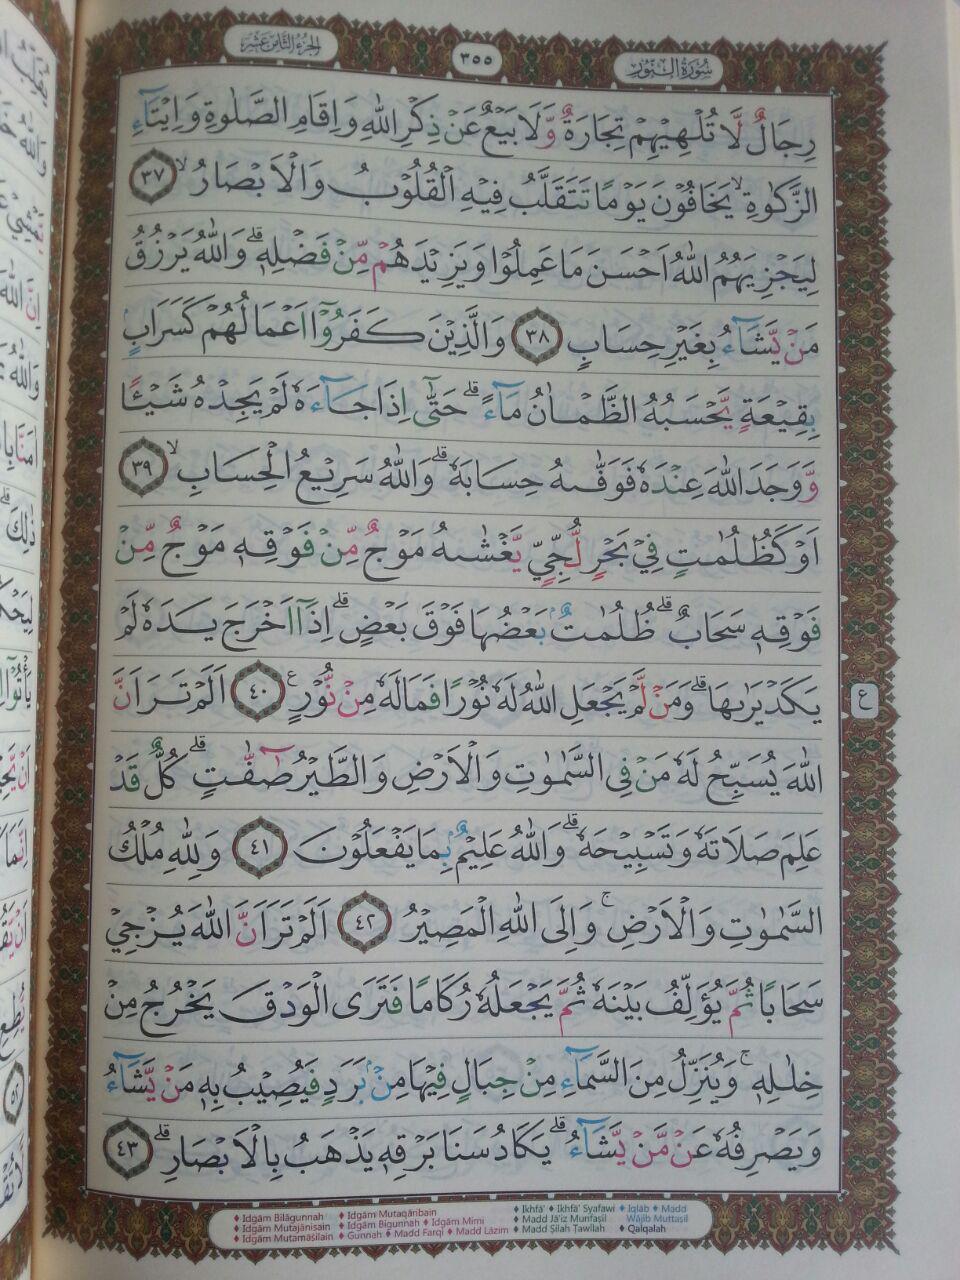 Al-Qur'an Tajwid Warna Tanpa Terjemah As-Samad A4 isi 3